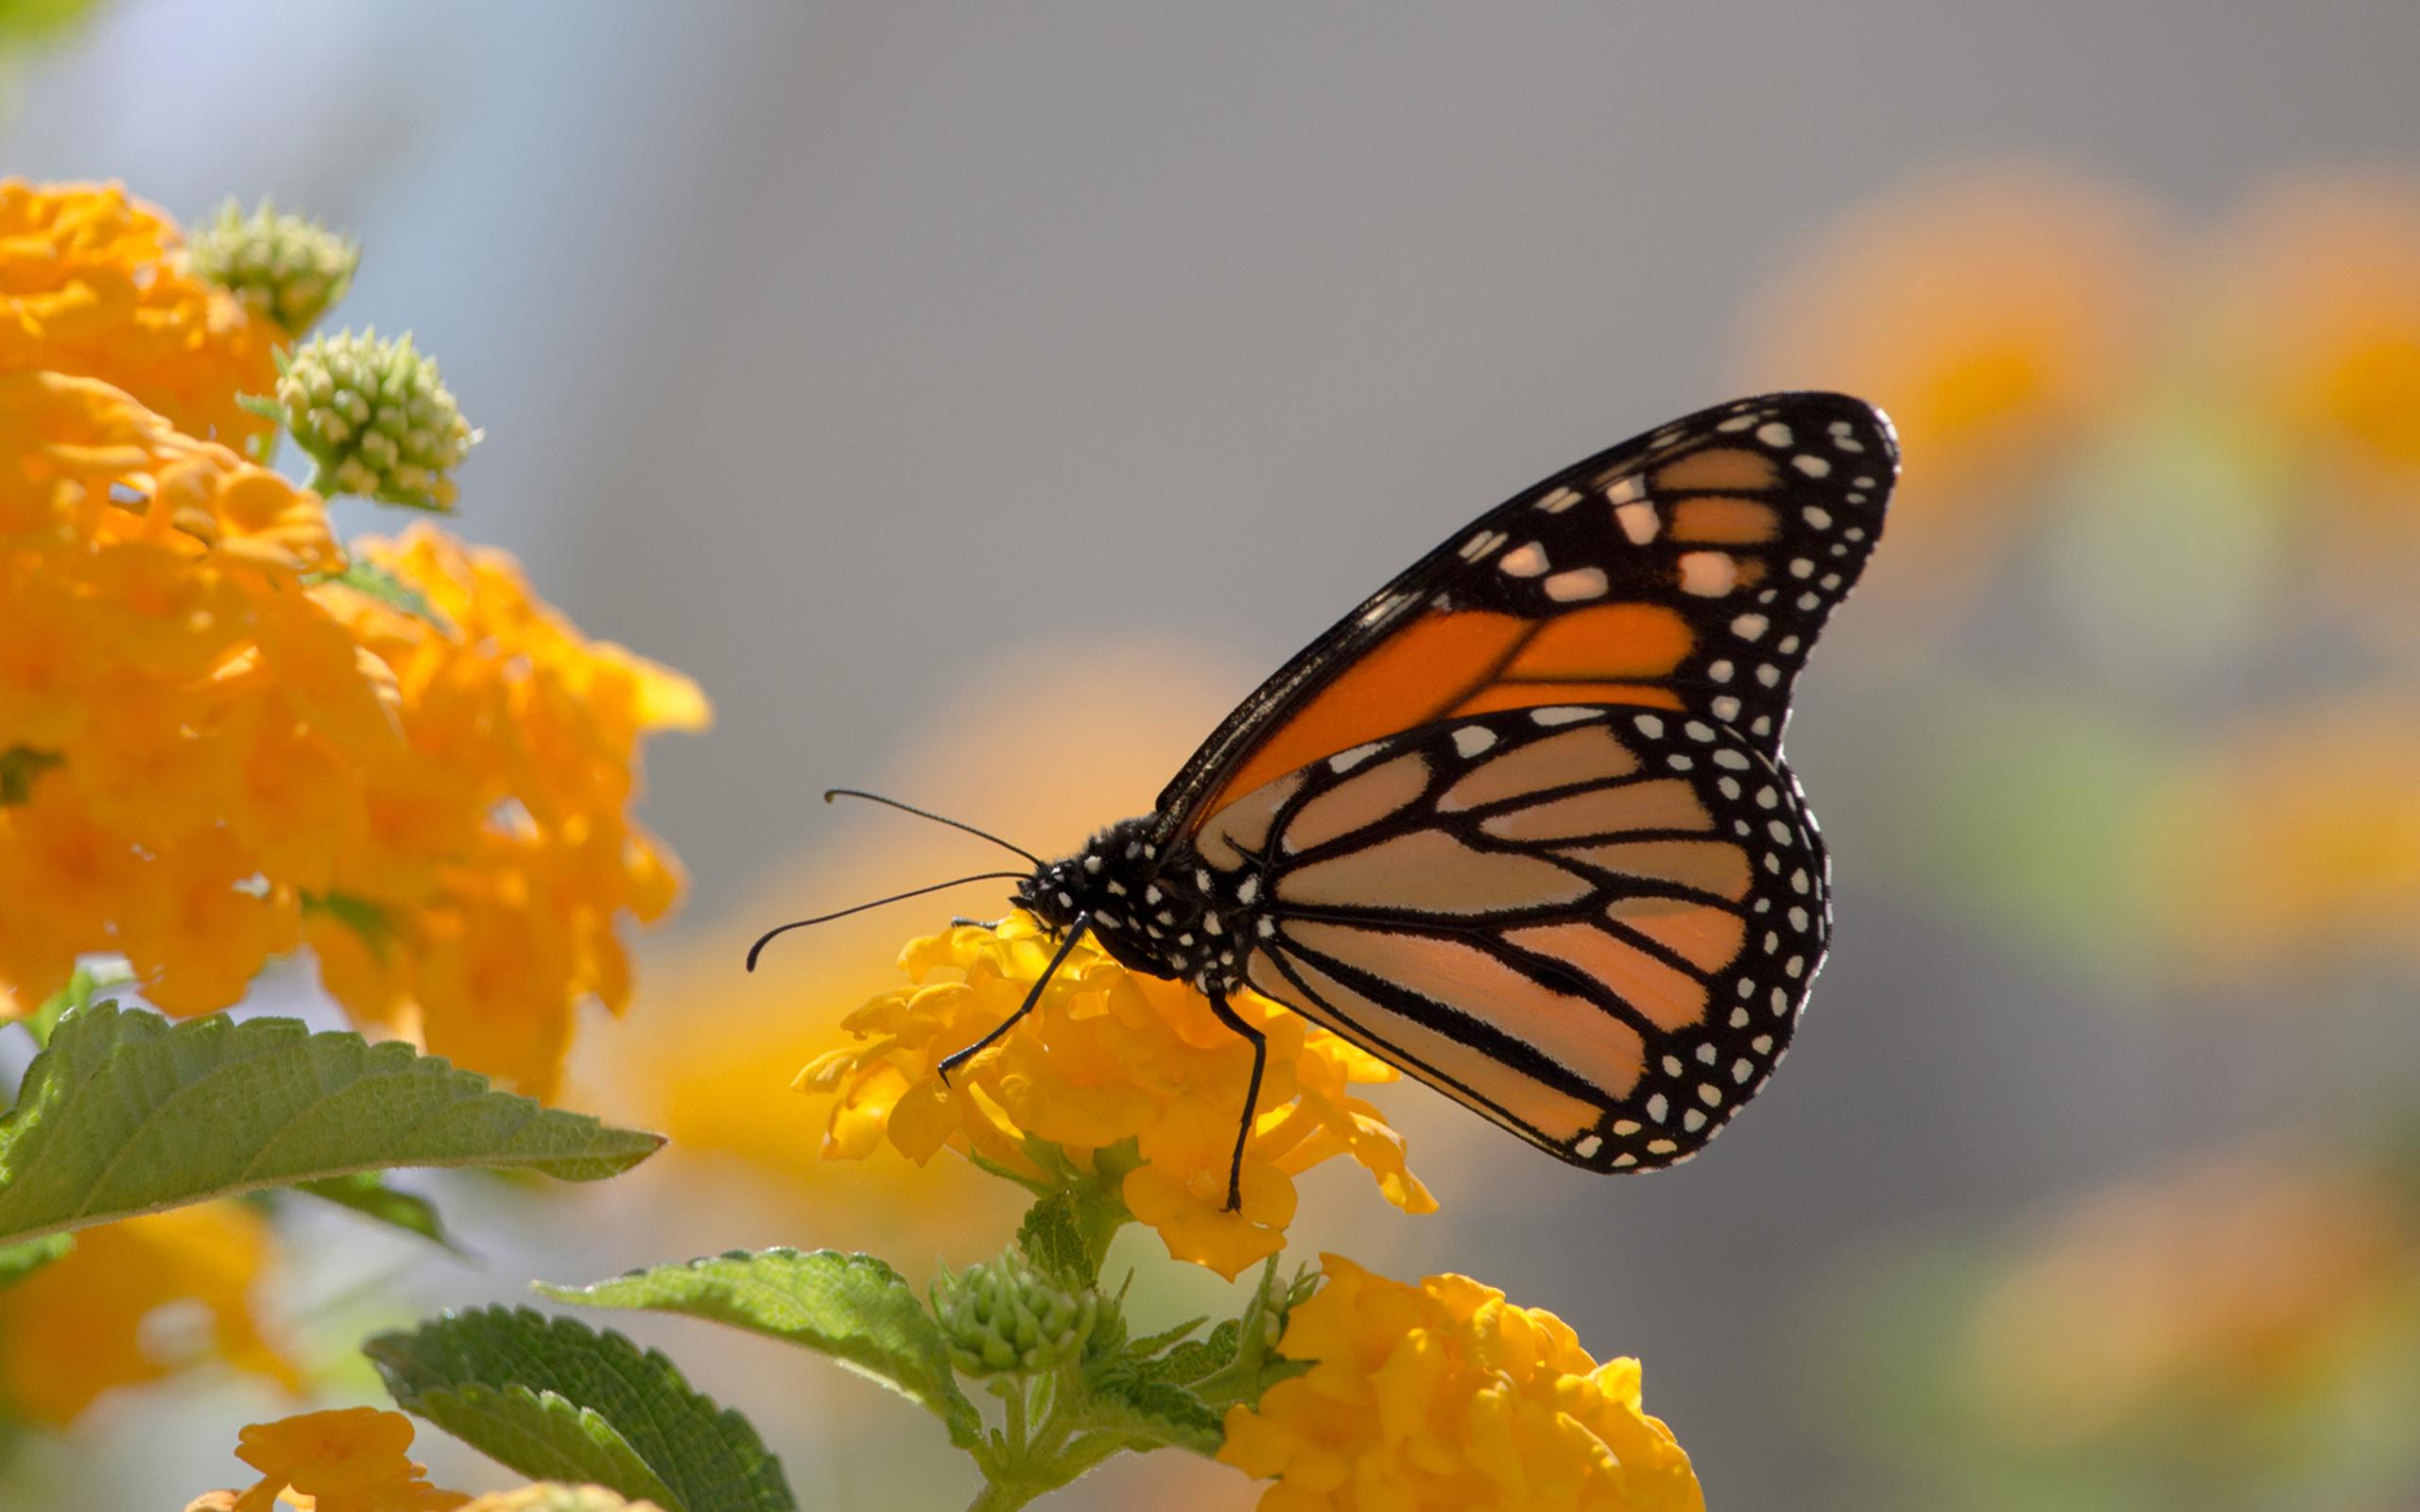 Lock Screen Butterfly Wallpaper Hd 1052131 Hd Wallpaper